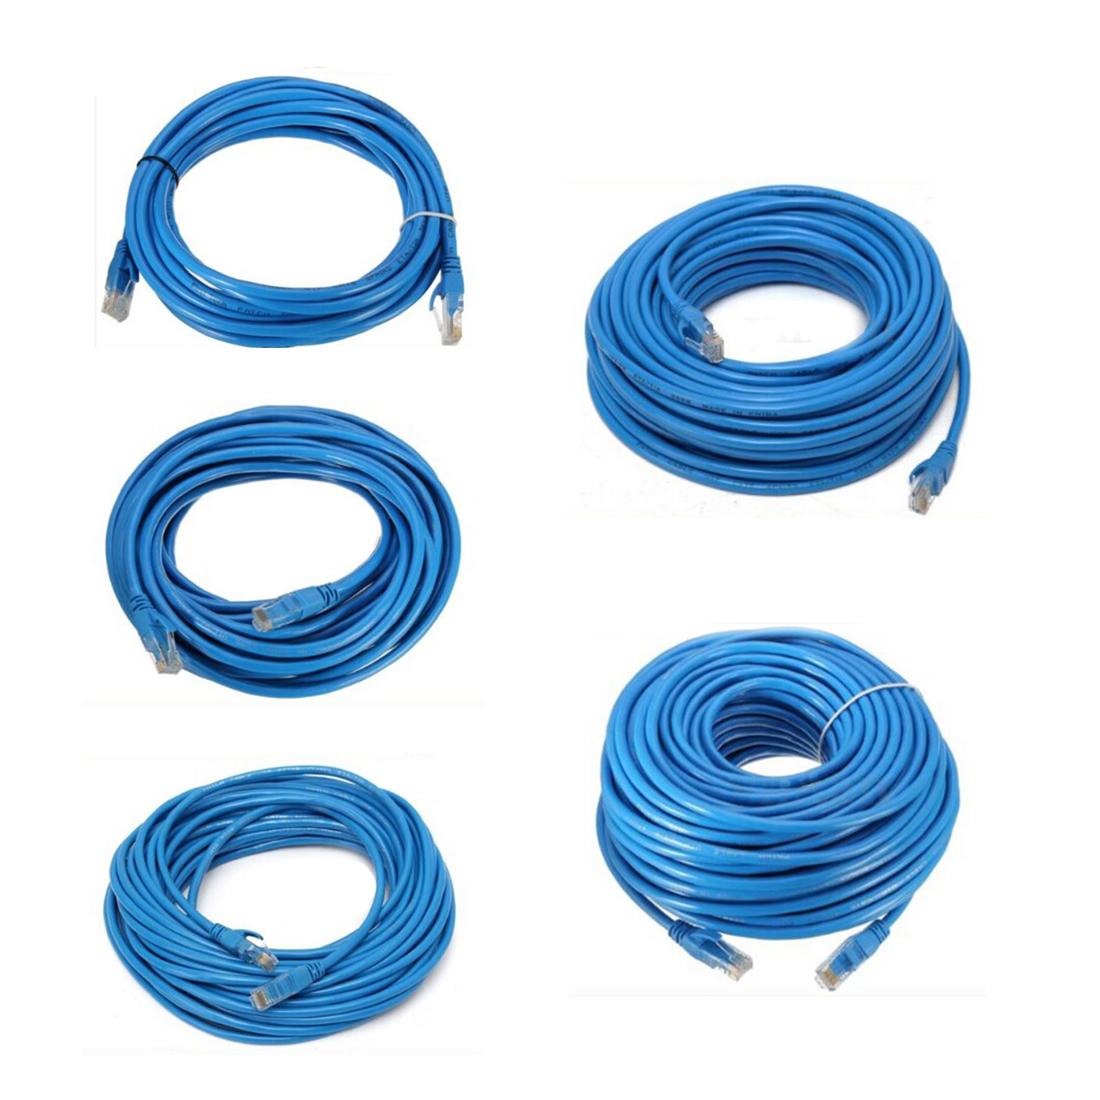 Flat CAT6 Ethernet 100M / 1000Mbps Patchkabel Netzwerk RJ45 PLAT In Großhan V8C7